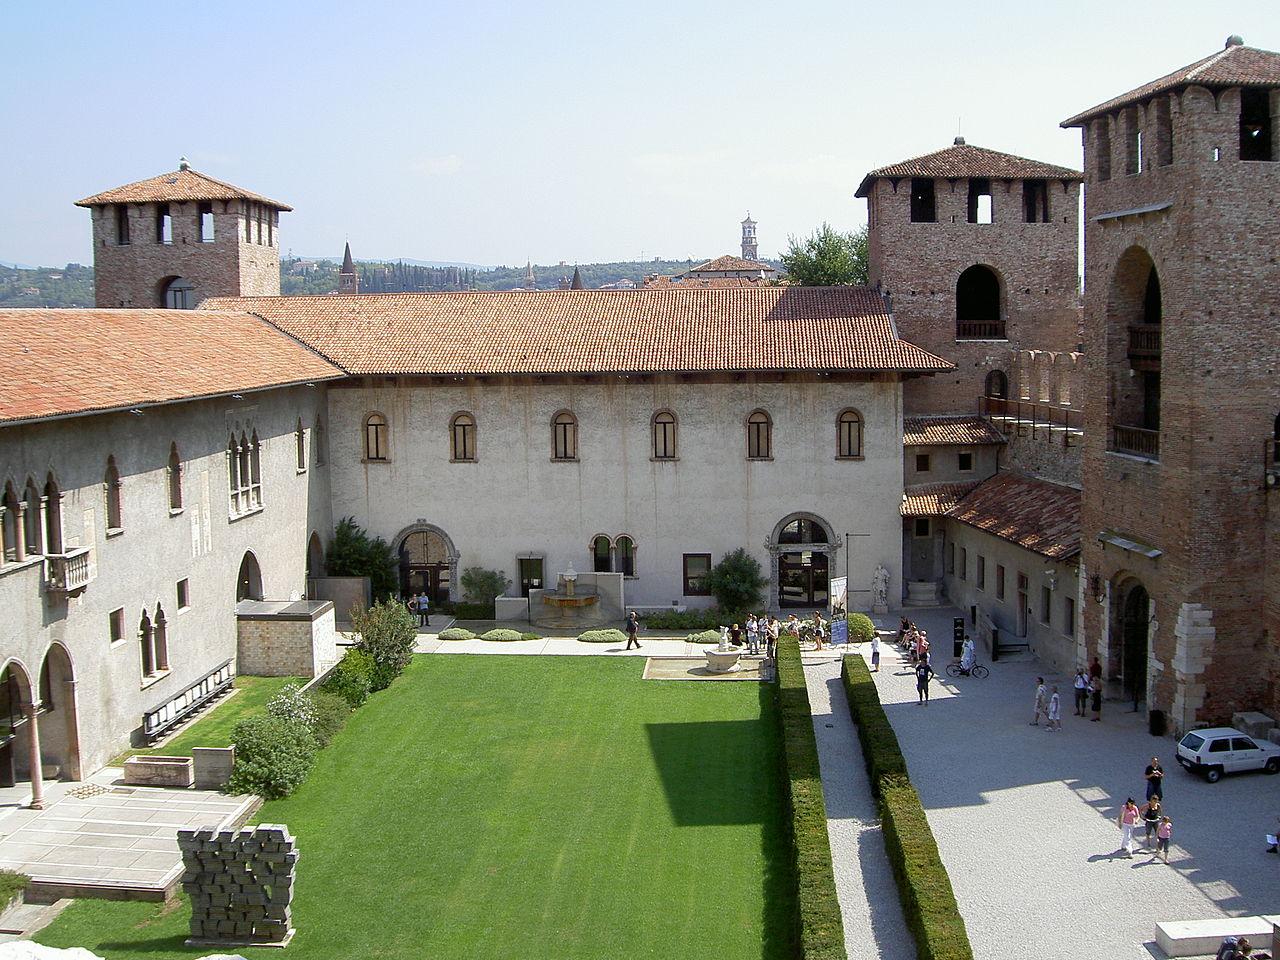 Музей Кастельвеккьо, двор замка